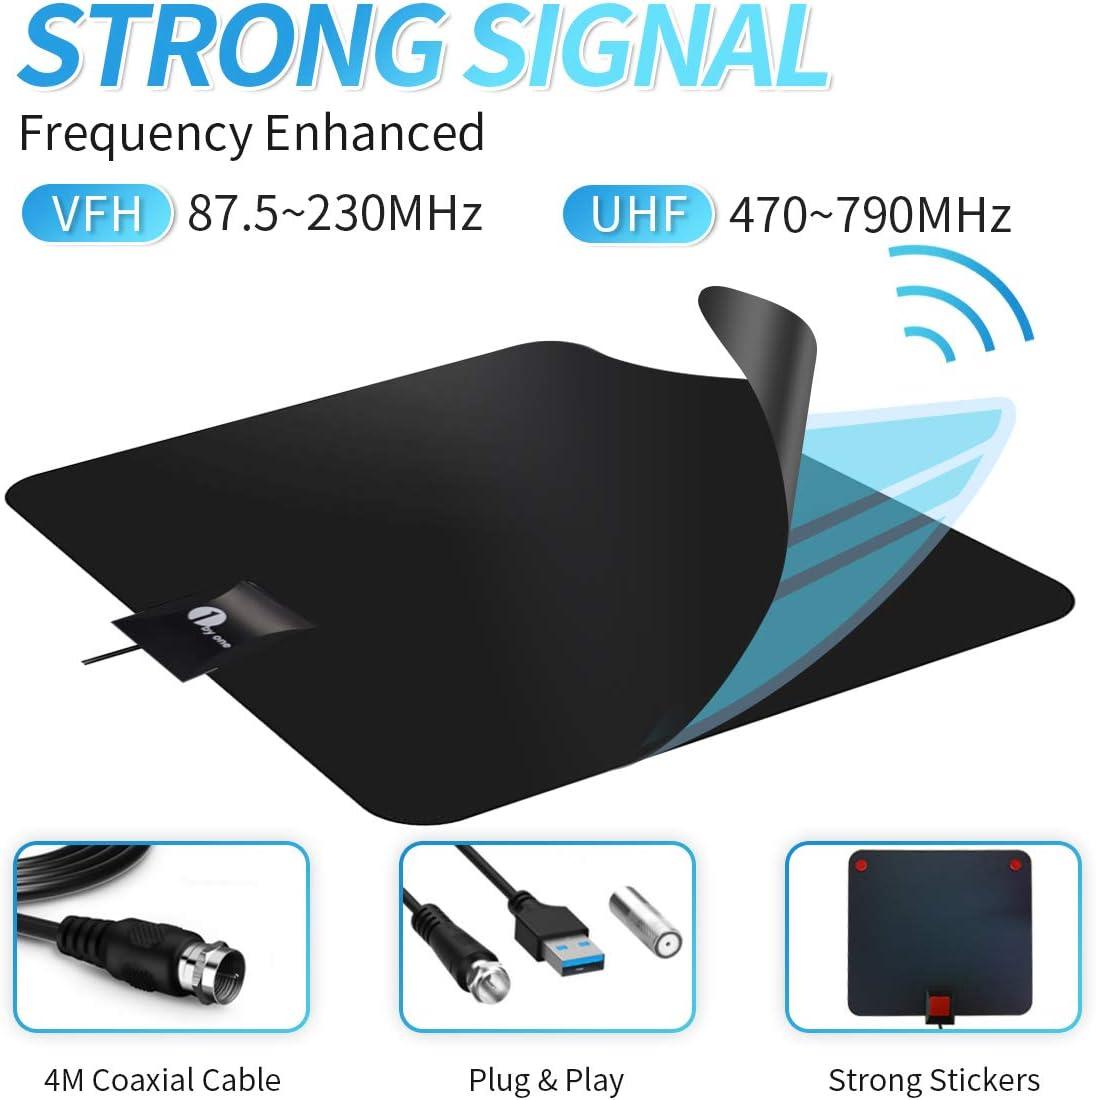 para ventana // pared antena de habitaci/ón para recepci/ón de TV sin cable HD con amplificador DVB-T2//DVB-T 4K 1byone Antena de interior antena digital terrestre para televisi/ón